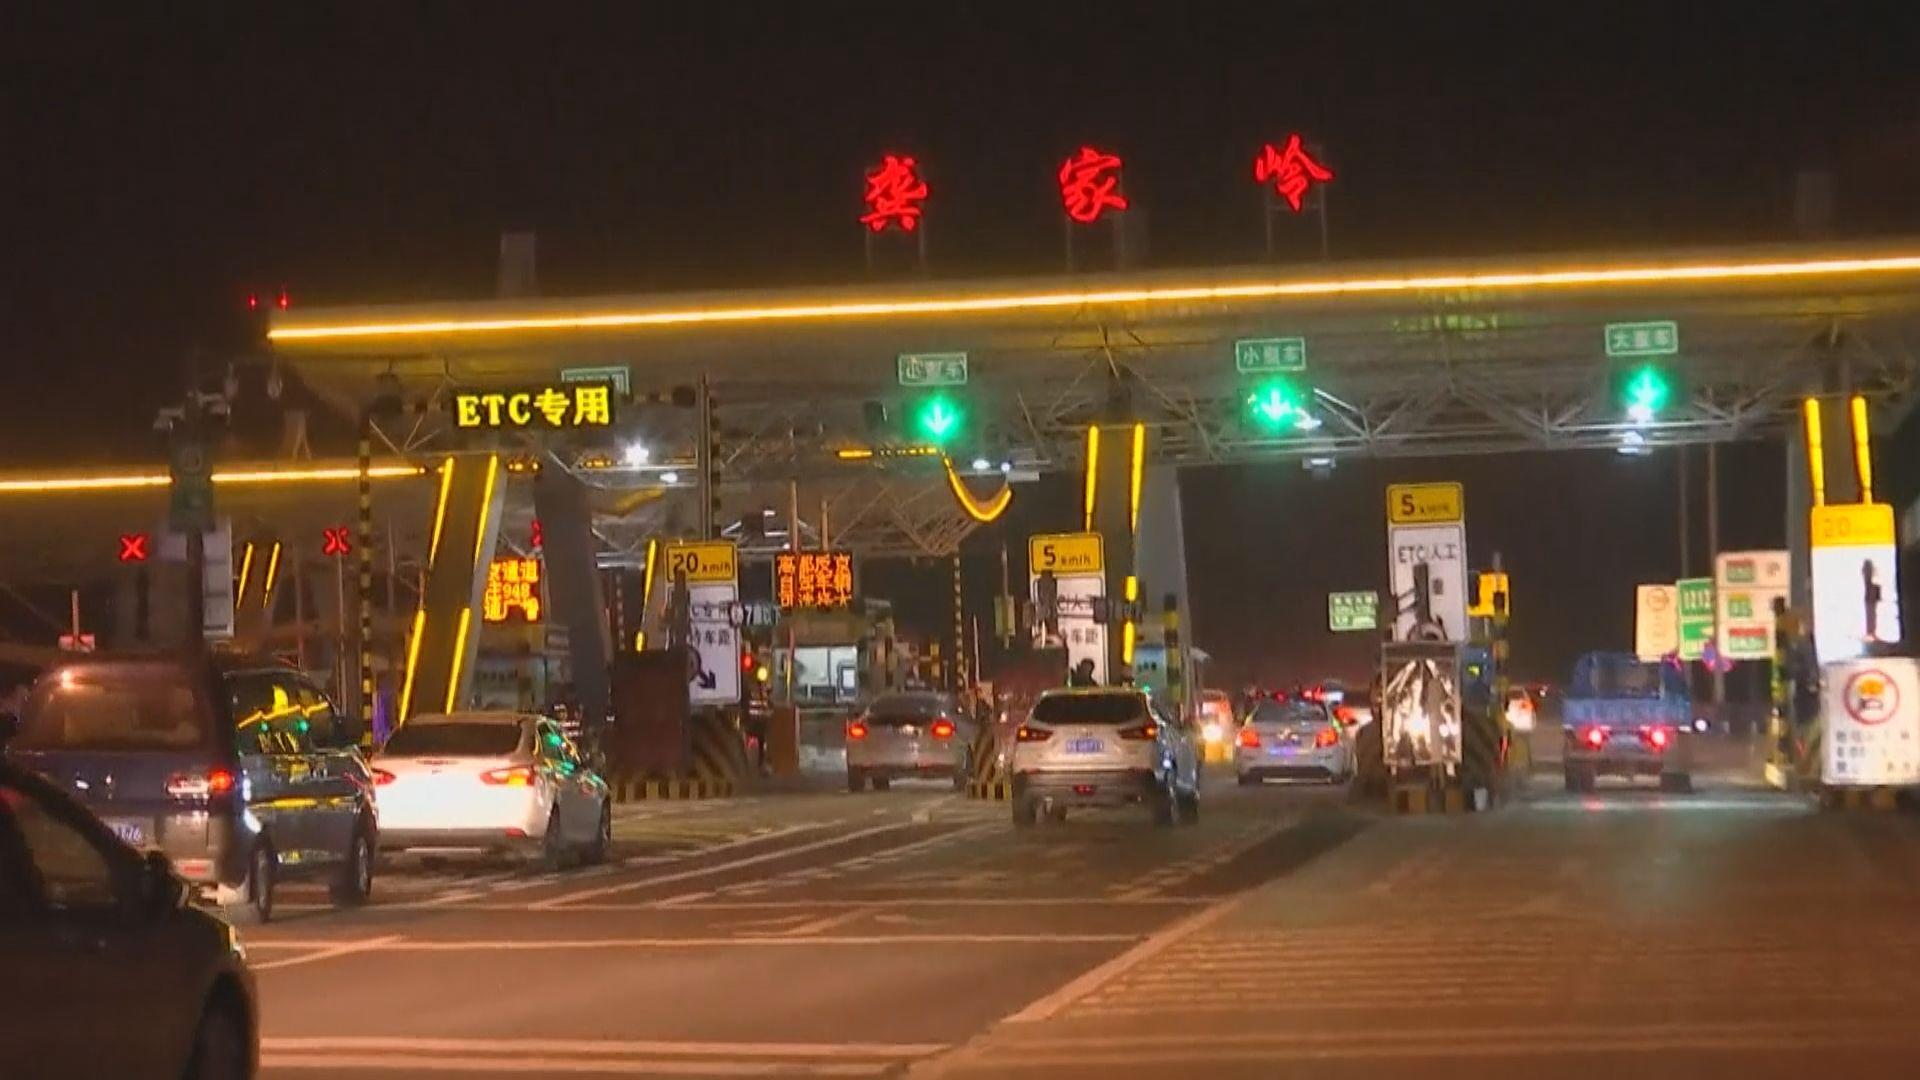 湖北武漢首日解封 世衛:宣布中國疫情受控為時尚早